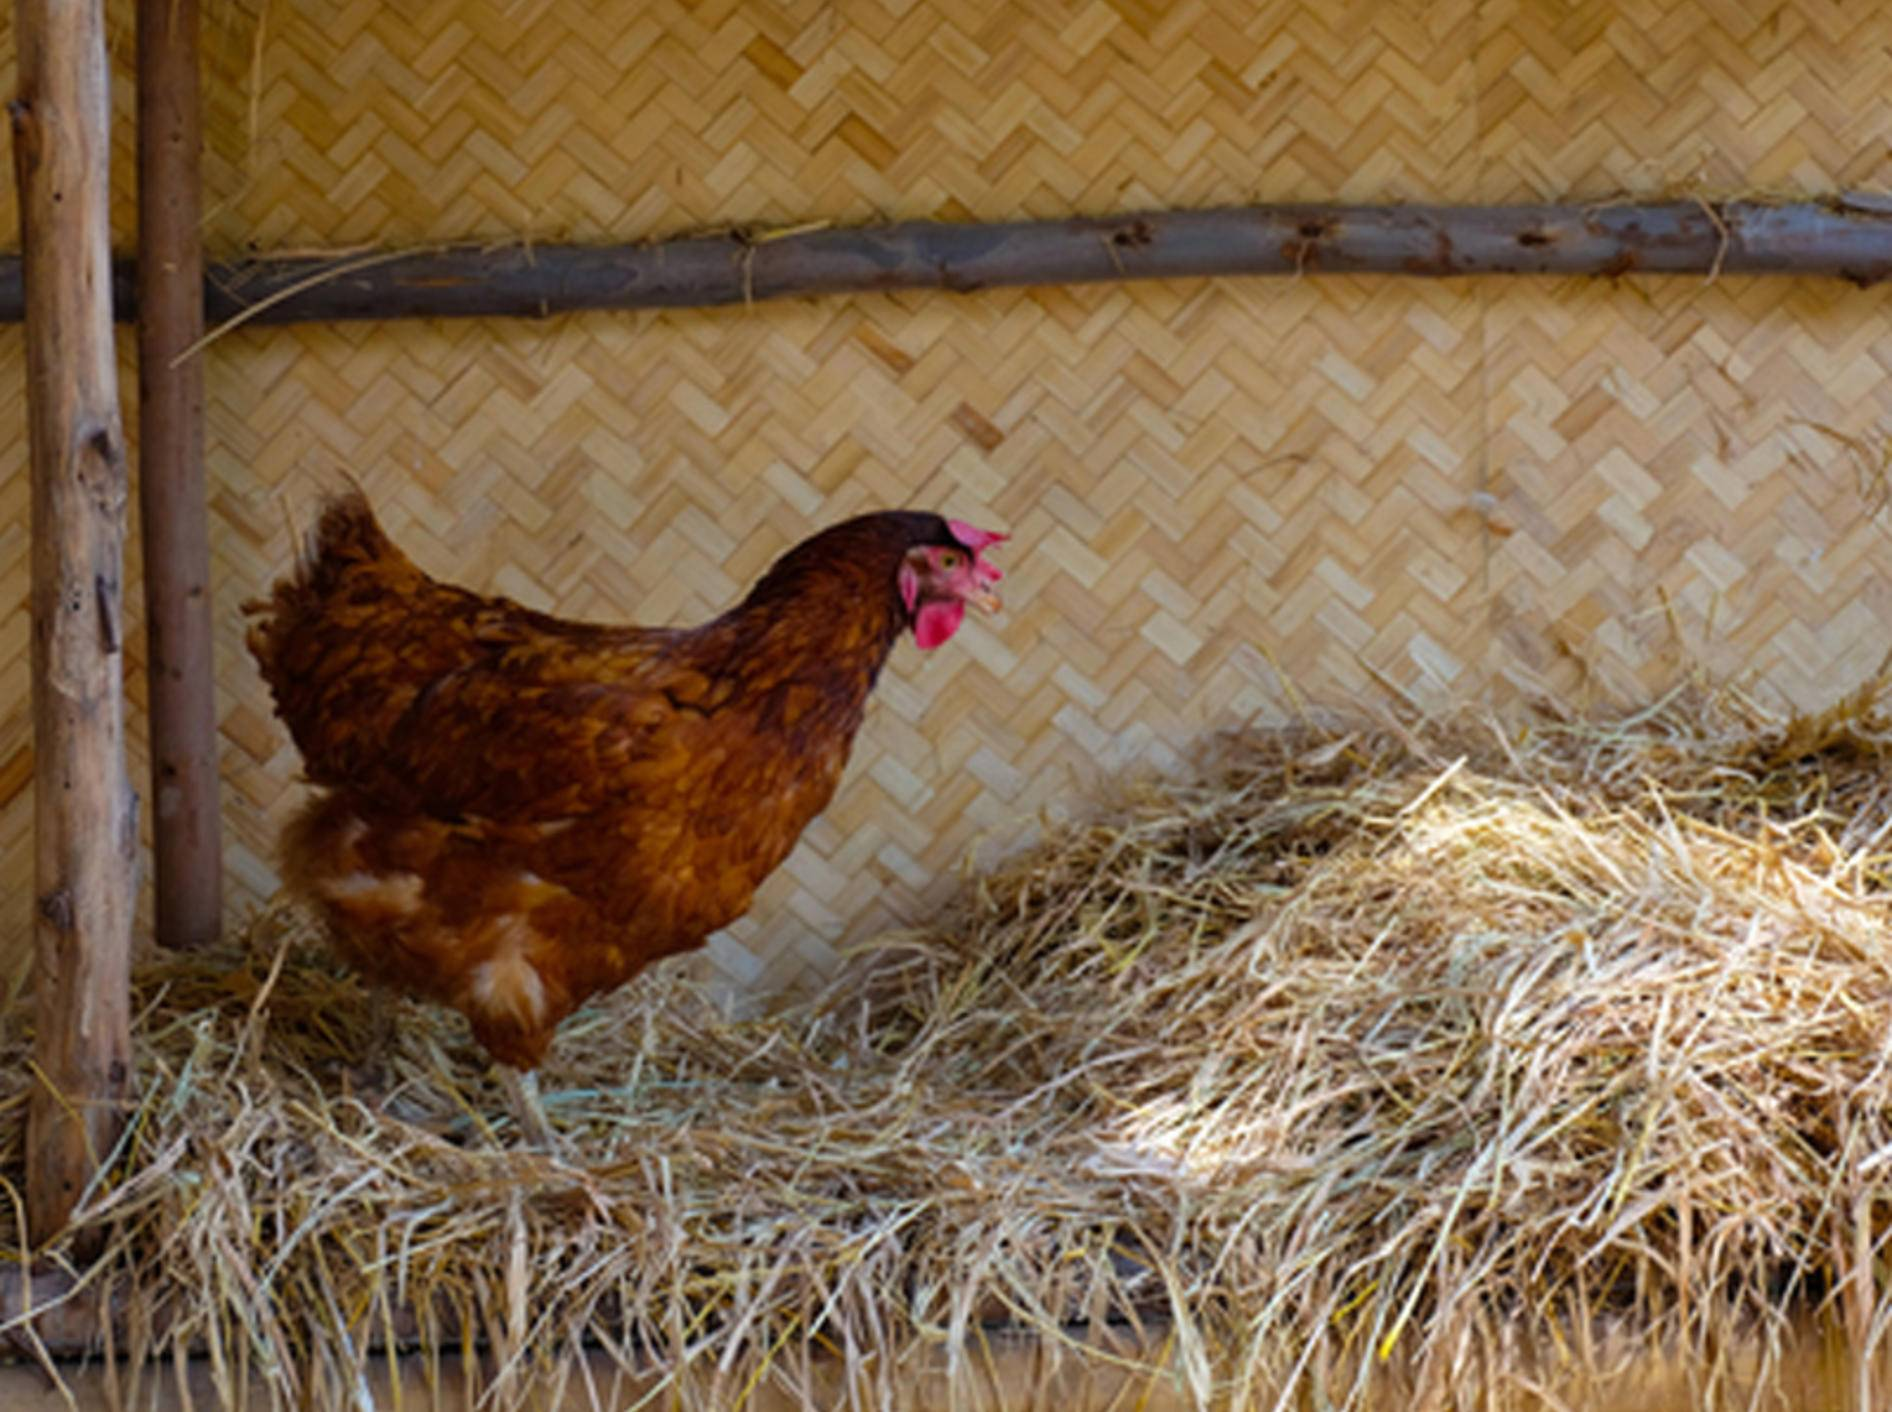 Wer hätte das gedacht? Hühner sind klüger als ihr Ruf – Bild: Shutterstock / Naurora